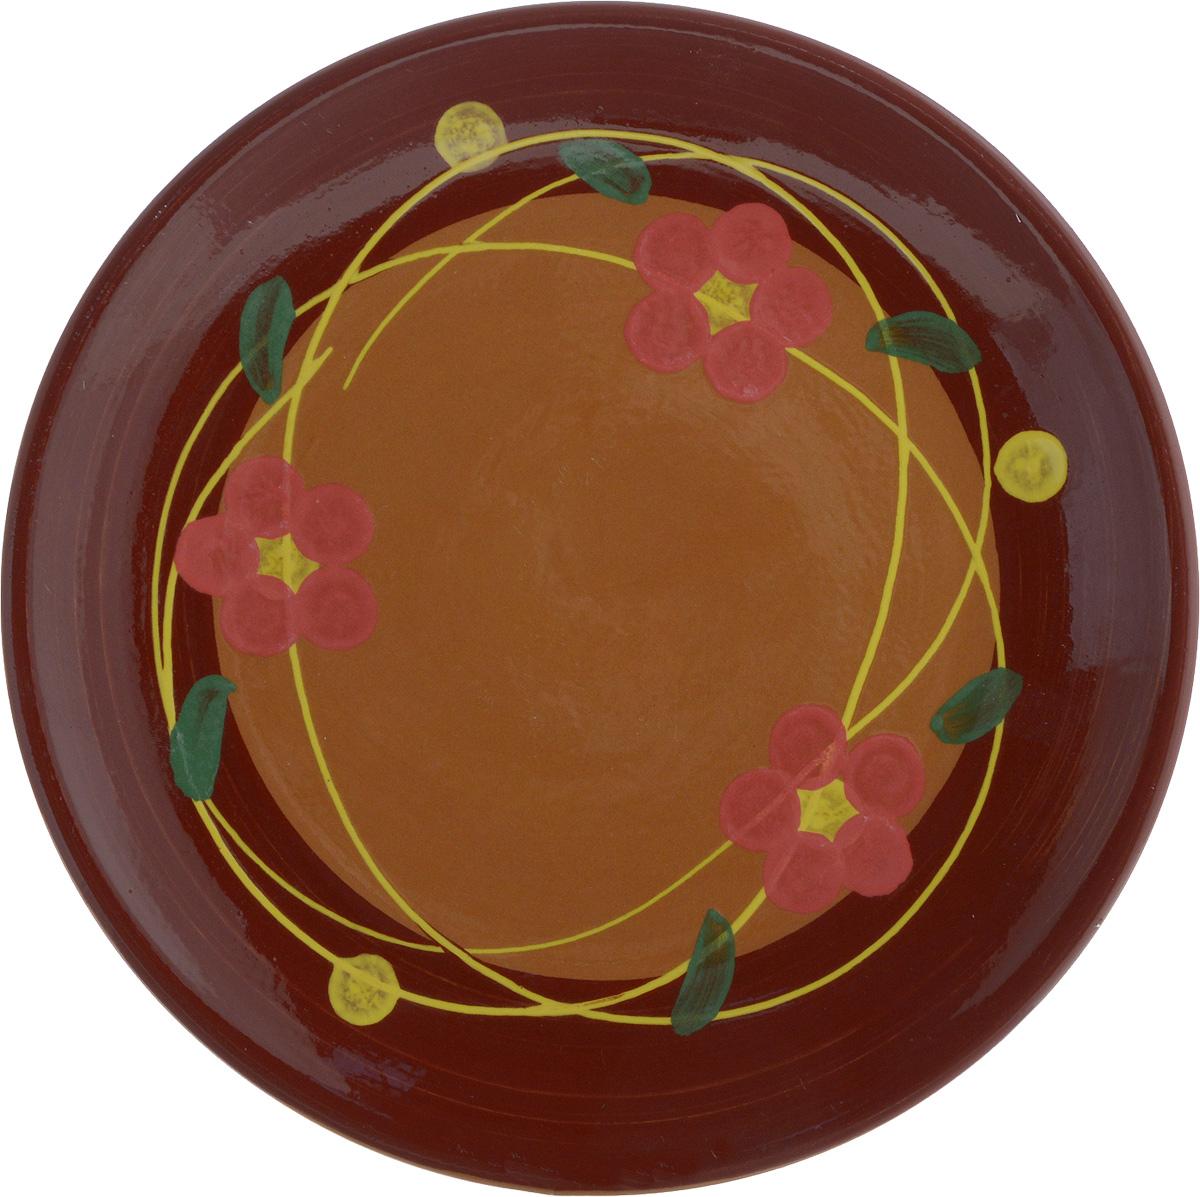 Тарелка Борисовская керамика Cтандарт, цвет: коричневый, розовый, диаметр 22 смОБЧ00000586_коричневый/розовые цветочкиТарелка Борисовская керамика Cтандарт выполнена из высококачественнойкерамики с покрытием пищевой глазурью. Изделие отлично подходит для подачи вторых блюд,сервировки нарезок, закусок, овощей и фруктов. Такая тарелка отлично подойдет дляповседневного использования. Она прекрасно впишется в интерьер вашей кухни.Посуда термостойкая, можно использовать в духовке и в микроволновой печи.Диаметр тарелки (по верхнему краю): 22 см.Высота стенки: 2,5 см.